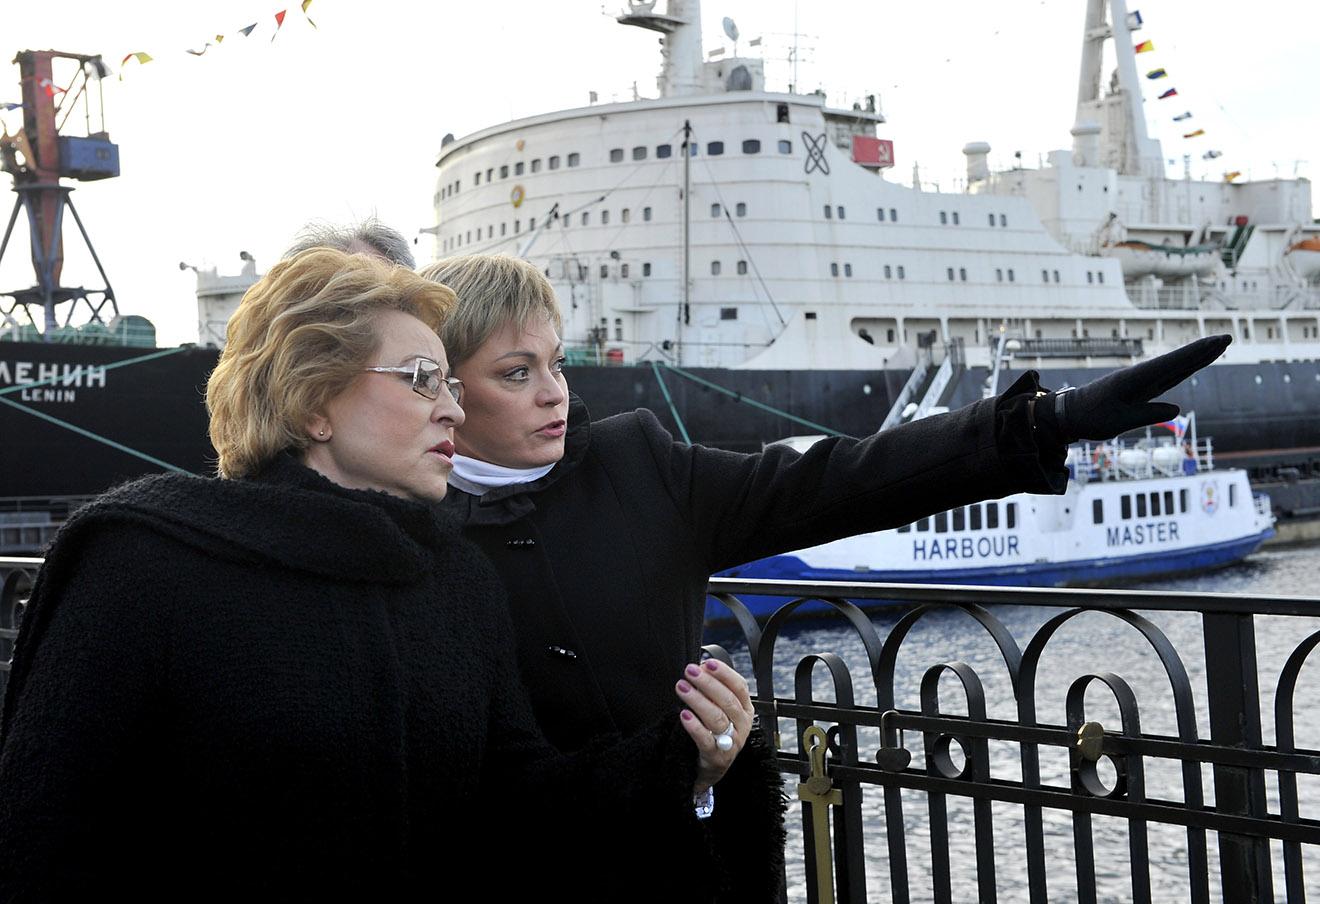 Валентина Матвиенко и губернатор Мурманской области Марина Ковтун (слева направо). Фото: Лев Федосеев / ТАСС